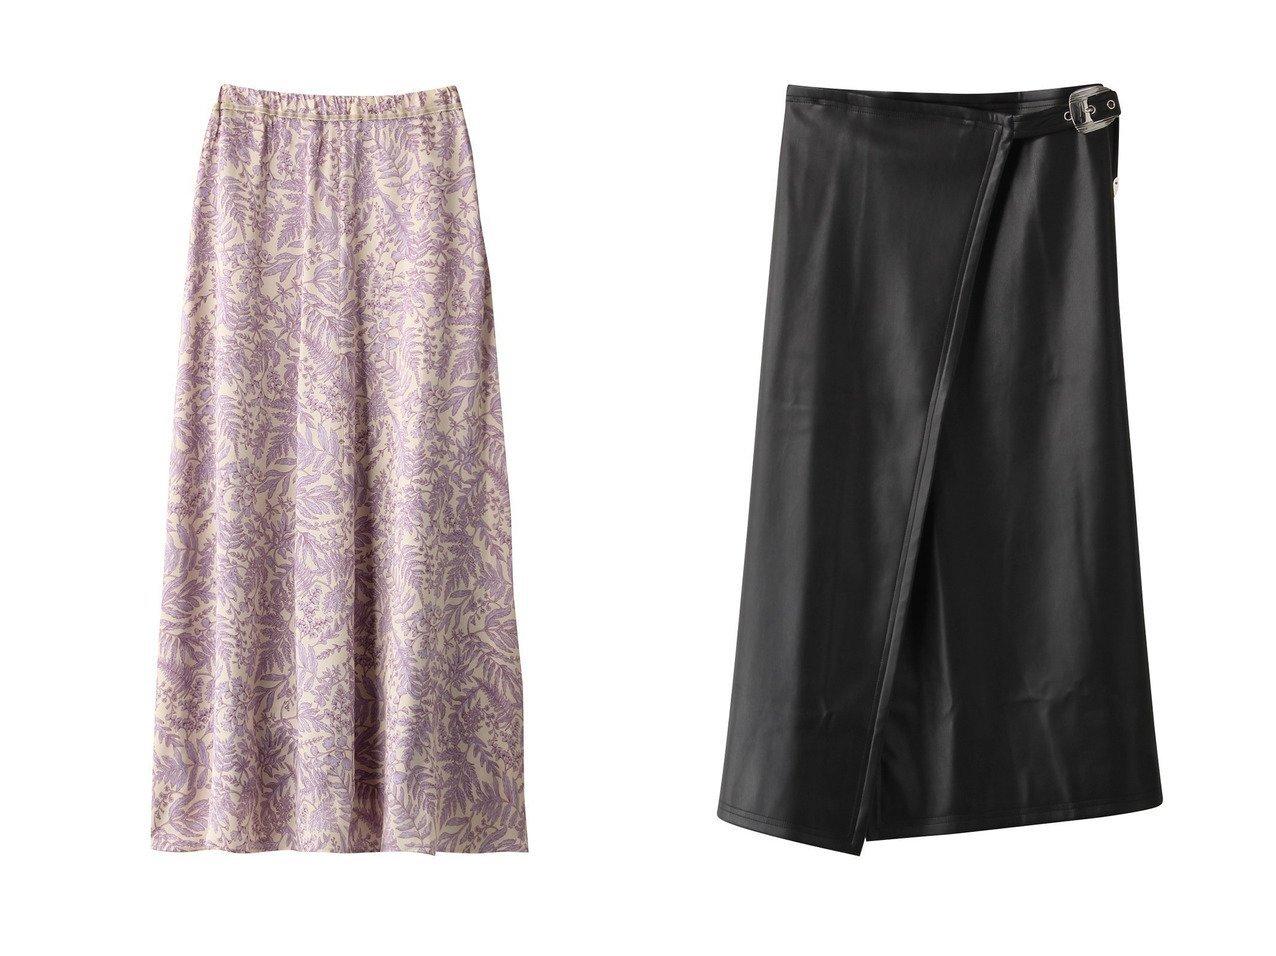 【martinique/マルティニーク】の【forte forte】ボタニカルプリントスカート&【SIMON MILLER】フェイクレザースカート スカートのおすすめ!人気、トレンド・レディースファッションの通販 おすすめで人気の流行・トレンド、ファッションの通販商品 メンズファッション・キッズファッション・インテリア・家具・レディースファッション・服の通販 founy(ファニー) https://founy.com/ ファッション Fashion レディースファッション WOMEN スカート Skirt ロングスカート Long Skirt クール ロング |ID:crp329100000011769